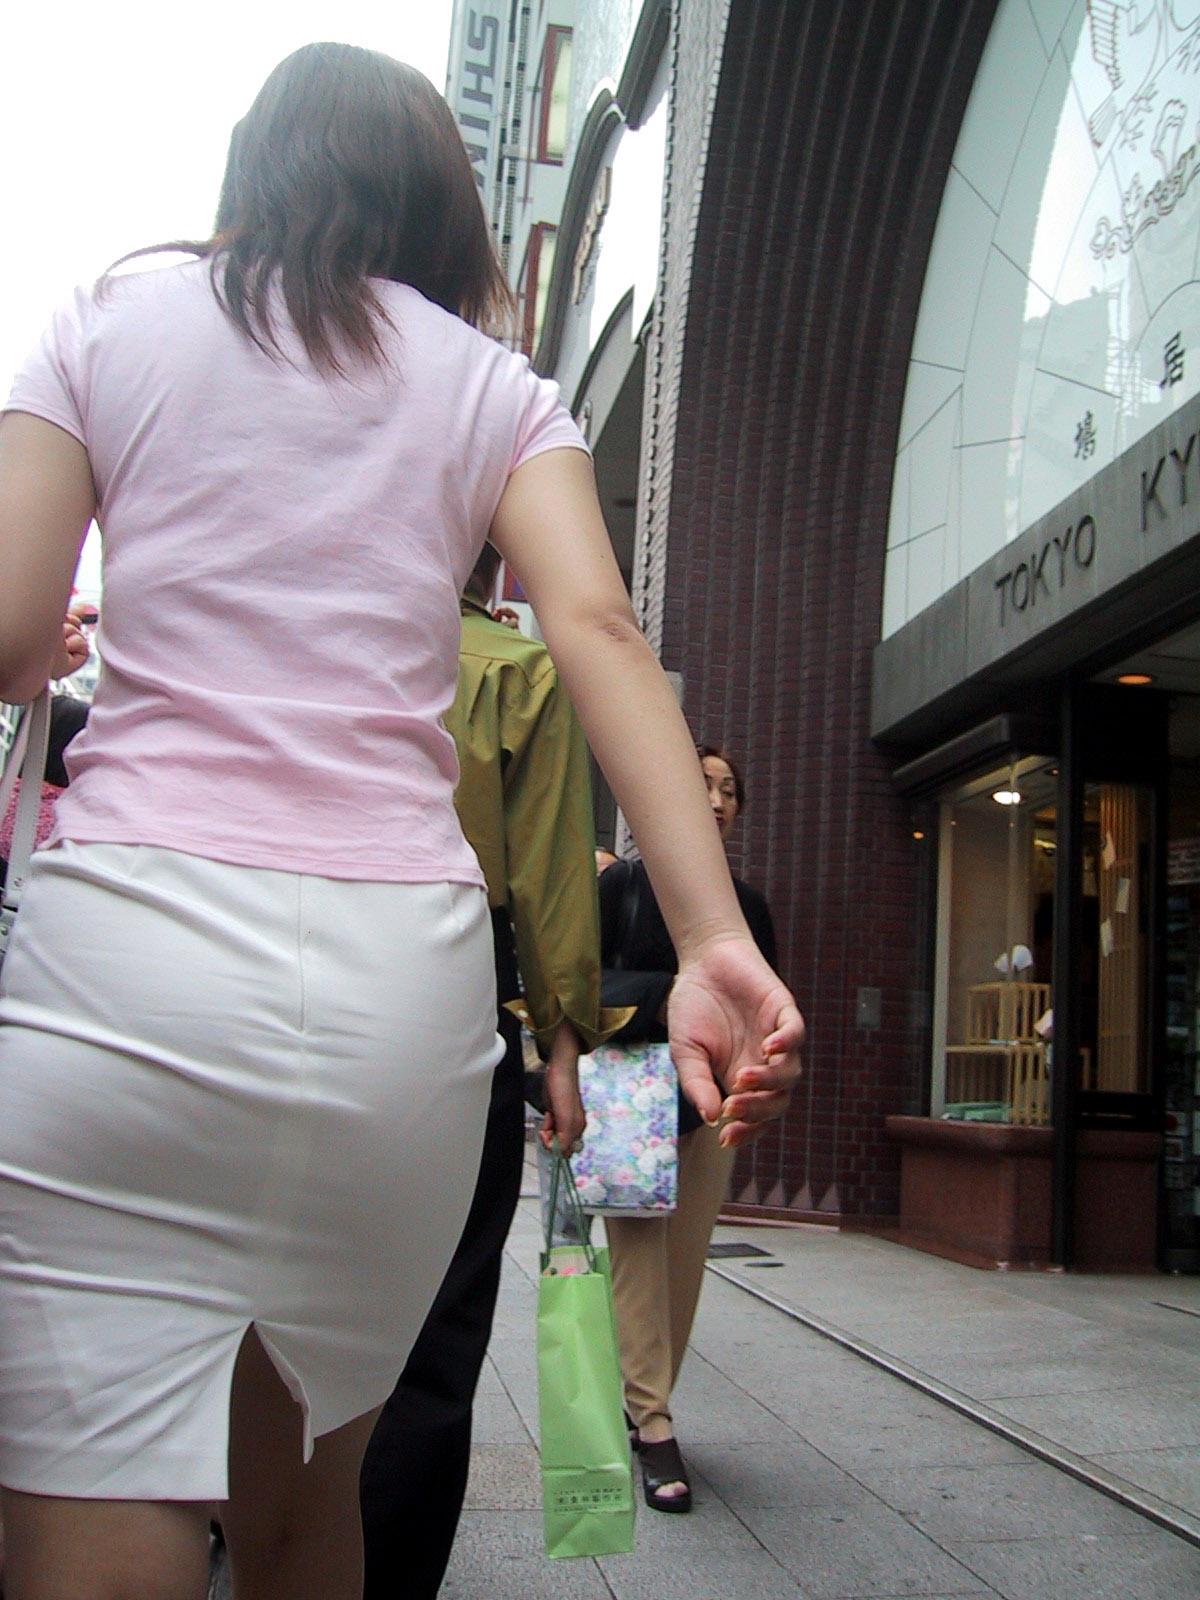 【街撮り画像】OL風お姉さんのムチムチタイトスカートとパンティーラインを追跡! 07